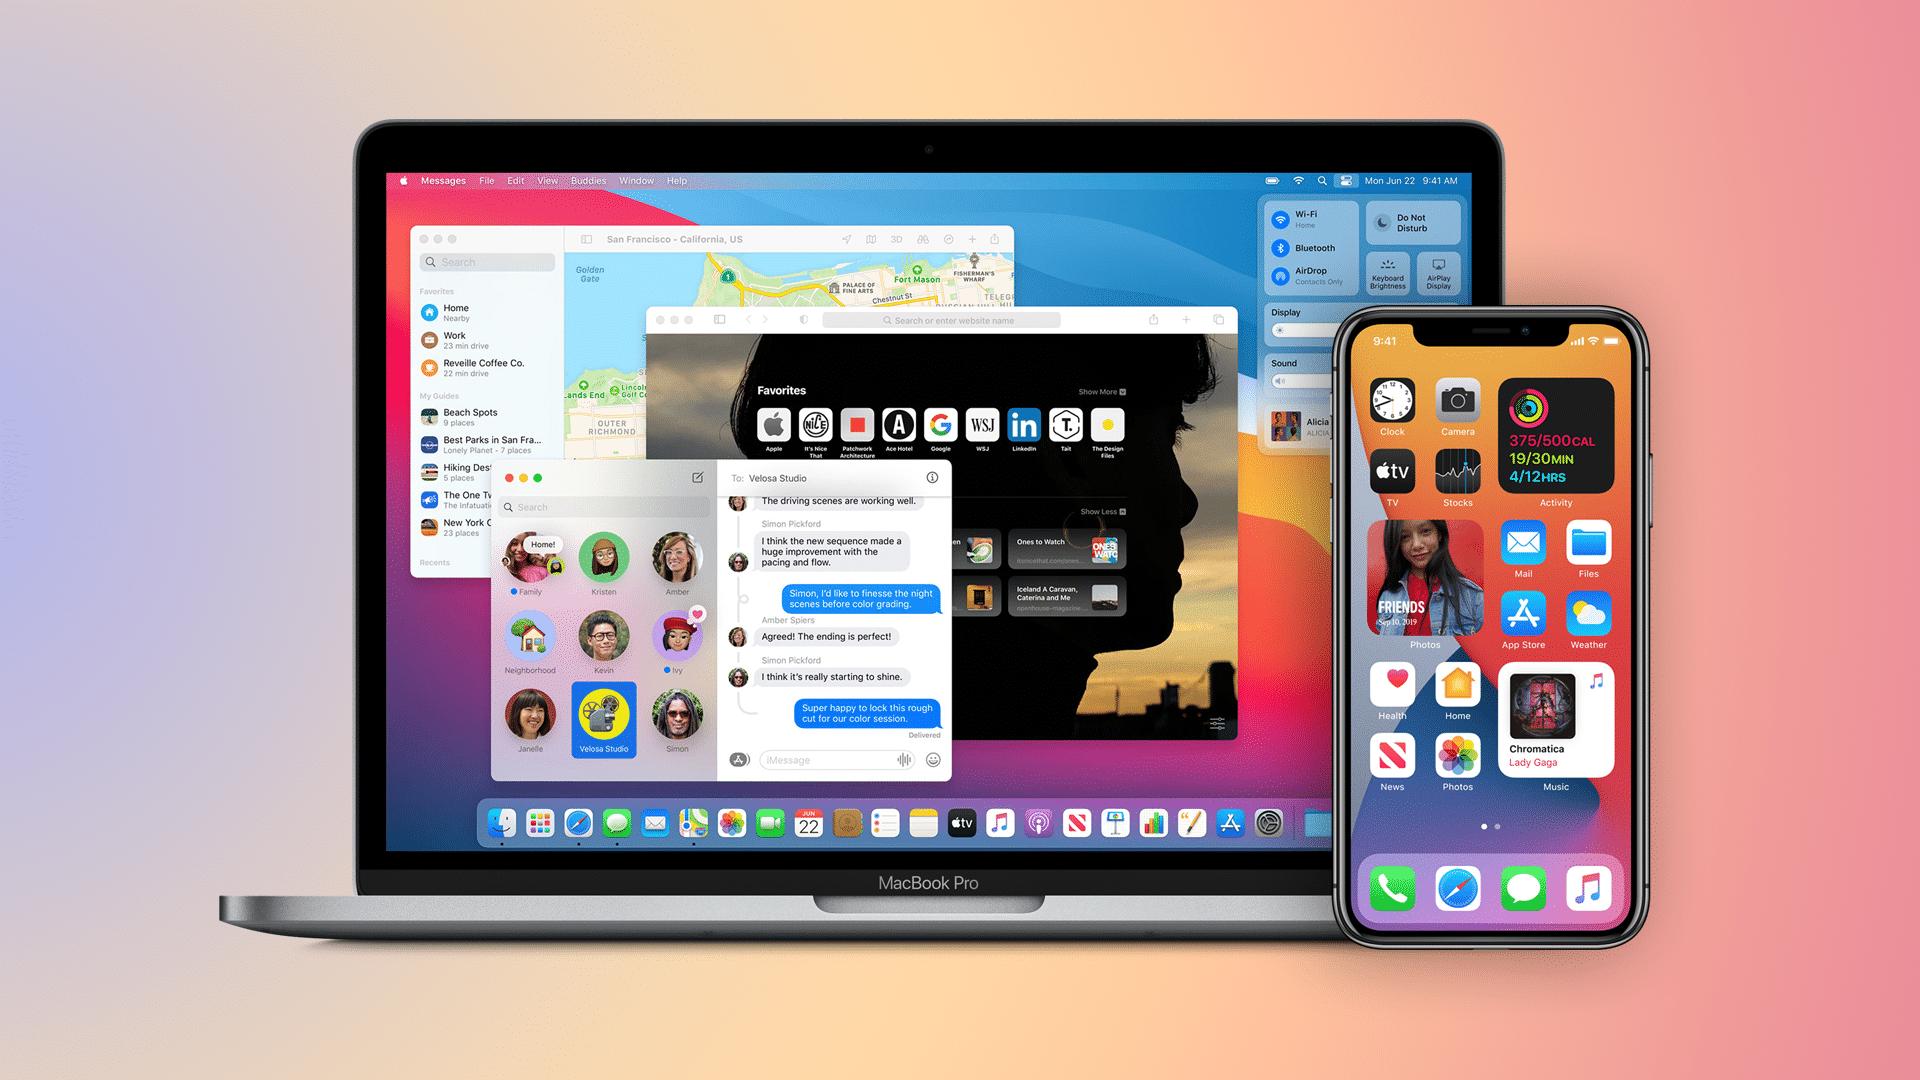 Apple pakub iOS 14, iPadOS 14, macOS Big Sur, watchOS 7 ja tvOS 14 teist beetaversiooni